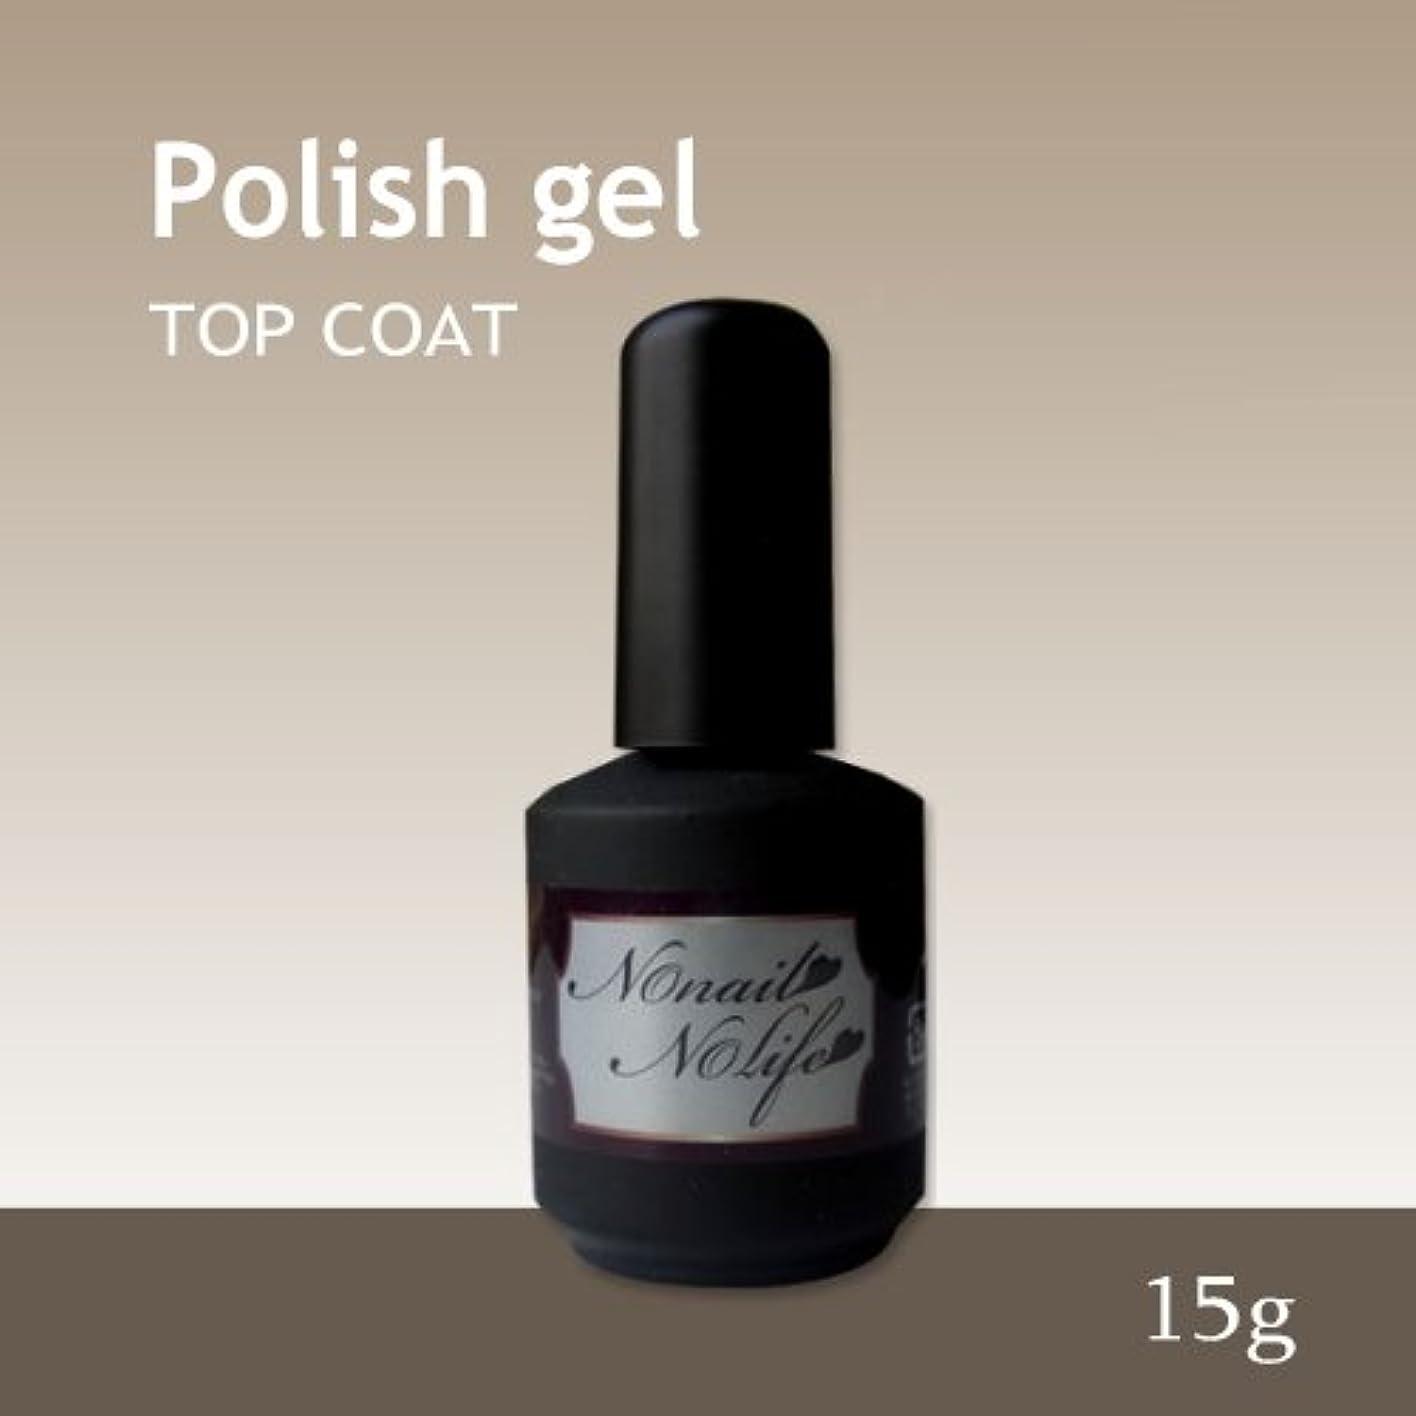 ビールその他ジャンルジェルネイル《爪に優しいトップコートジェル》Natural Polish ポリッシュトップジェル(15g)